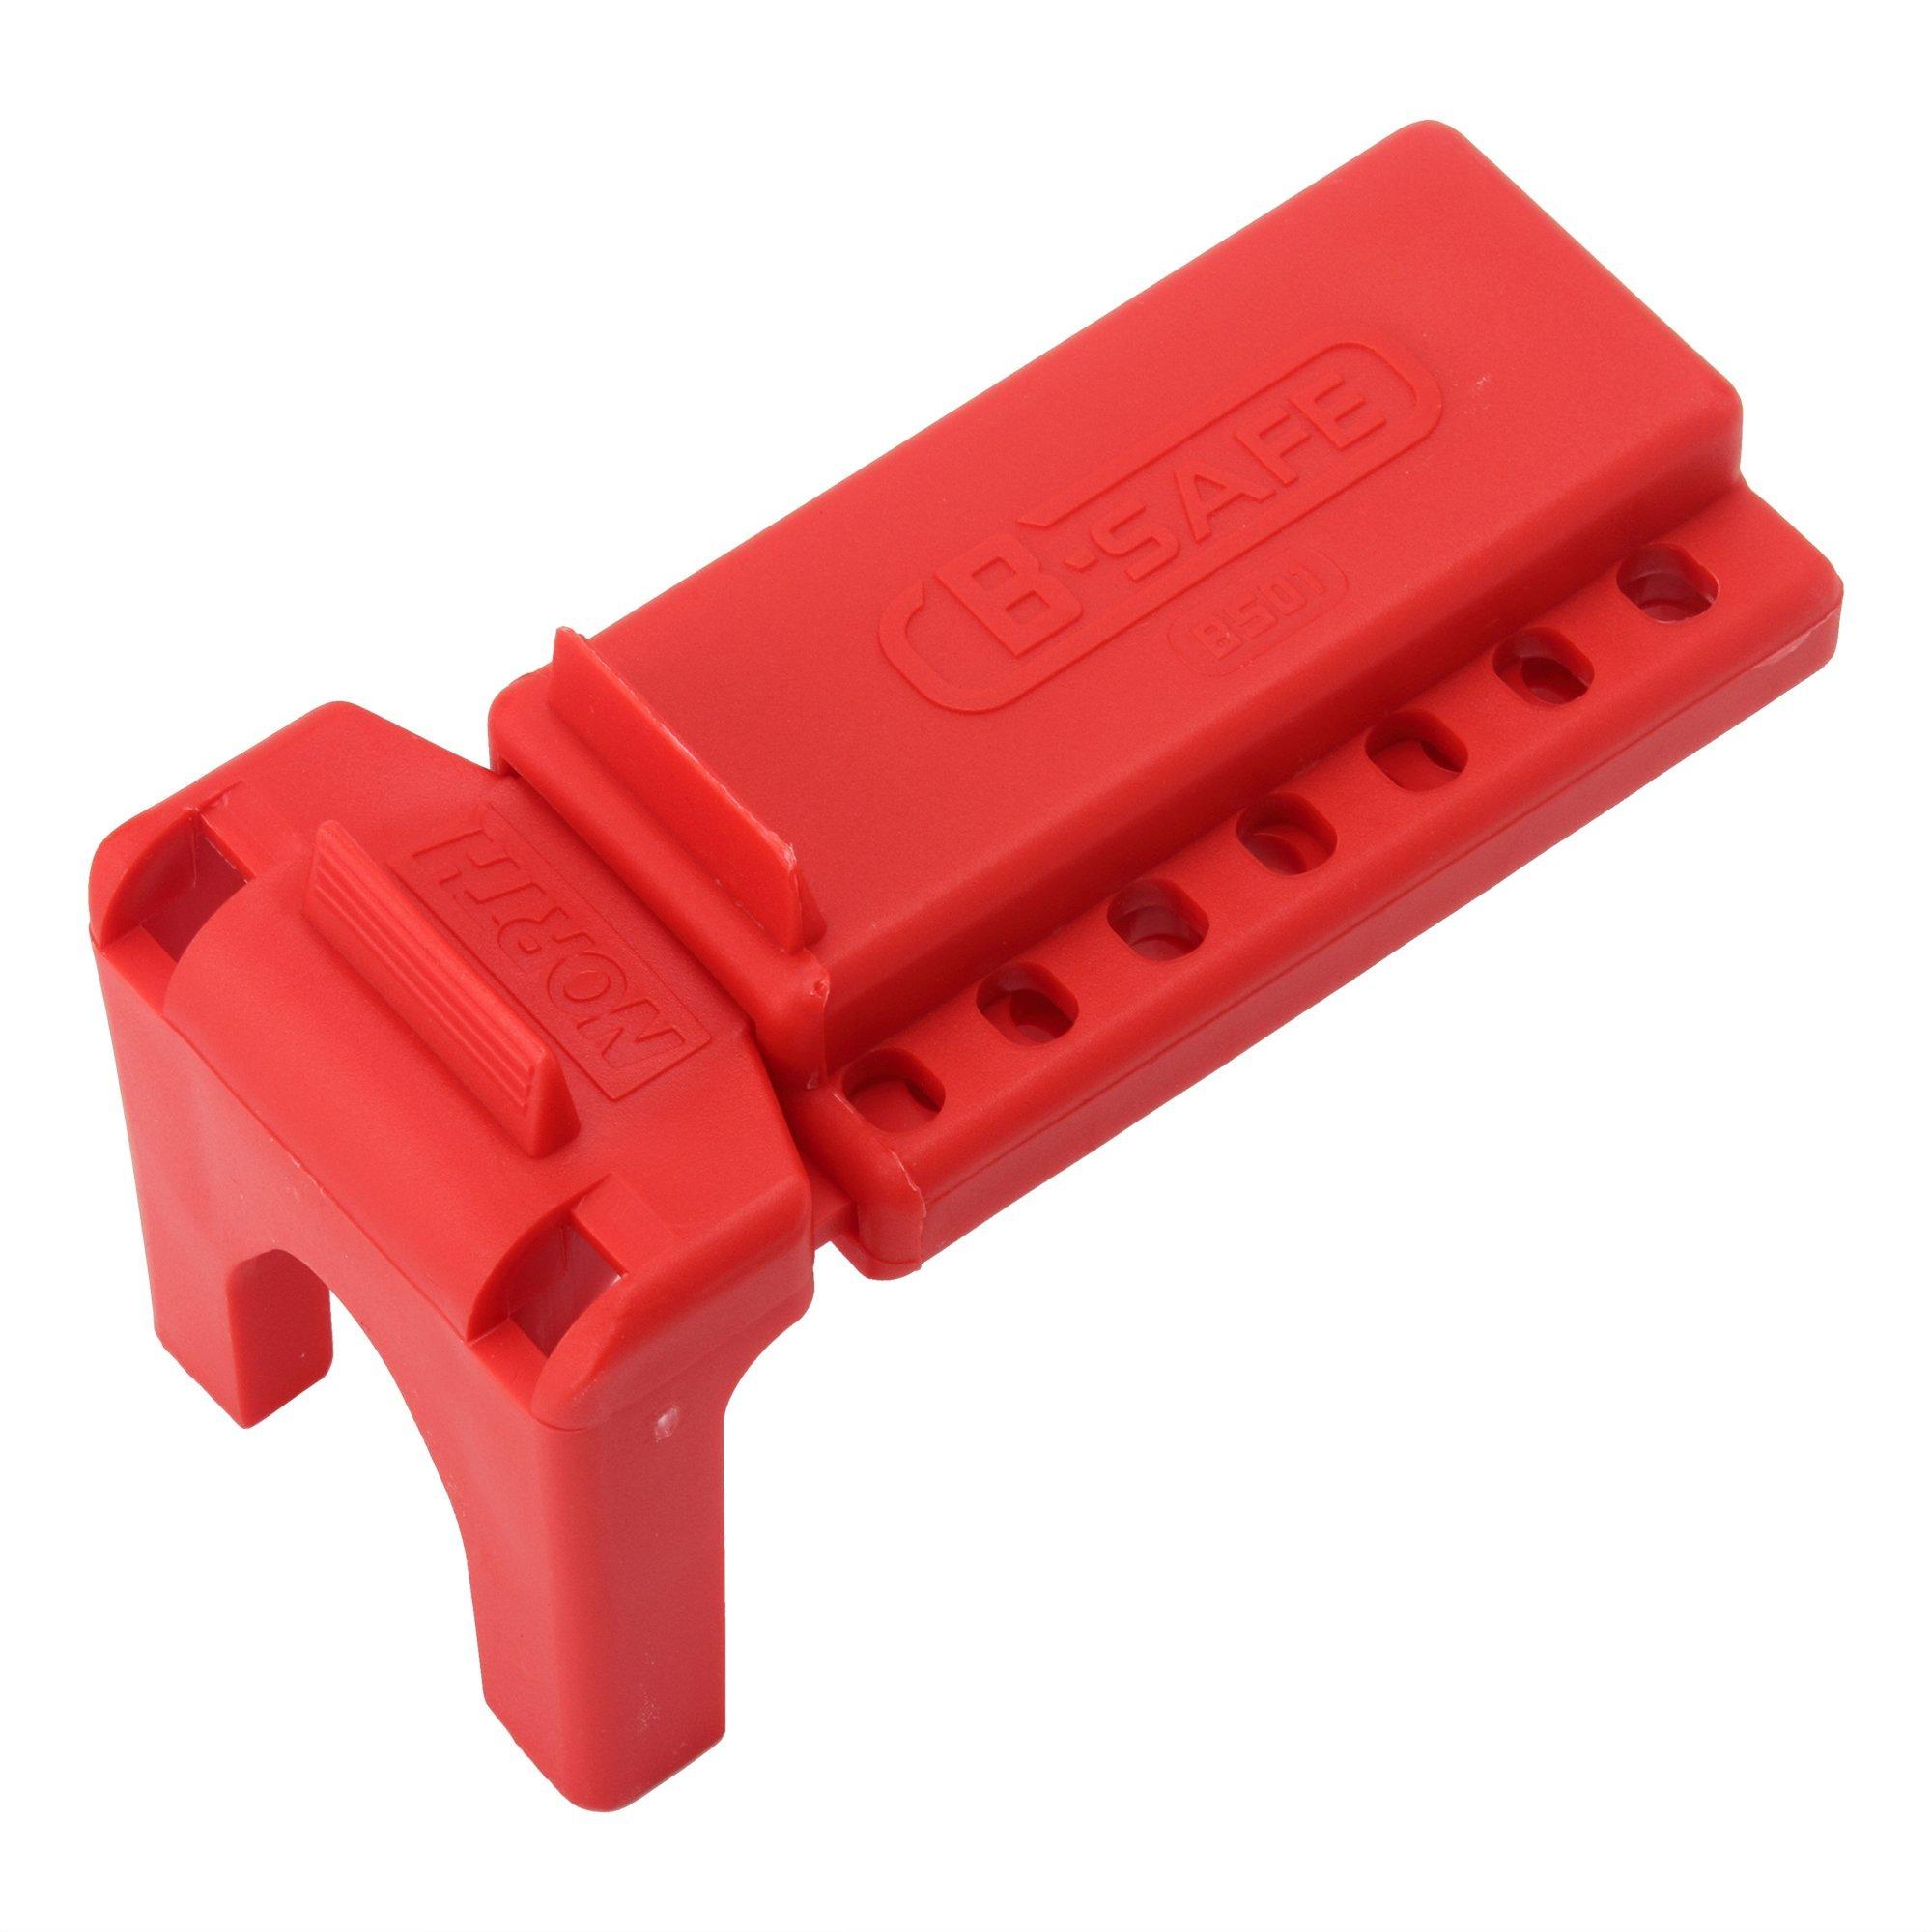 Panduit PSL-BV1 Ball Valve Lockout Device, 0.25-1.00-Inch Valve Size, Red